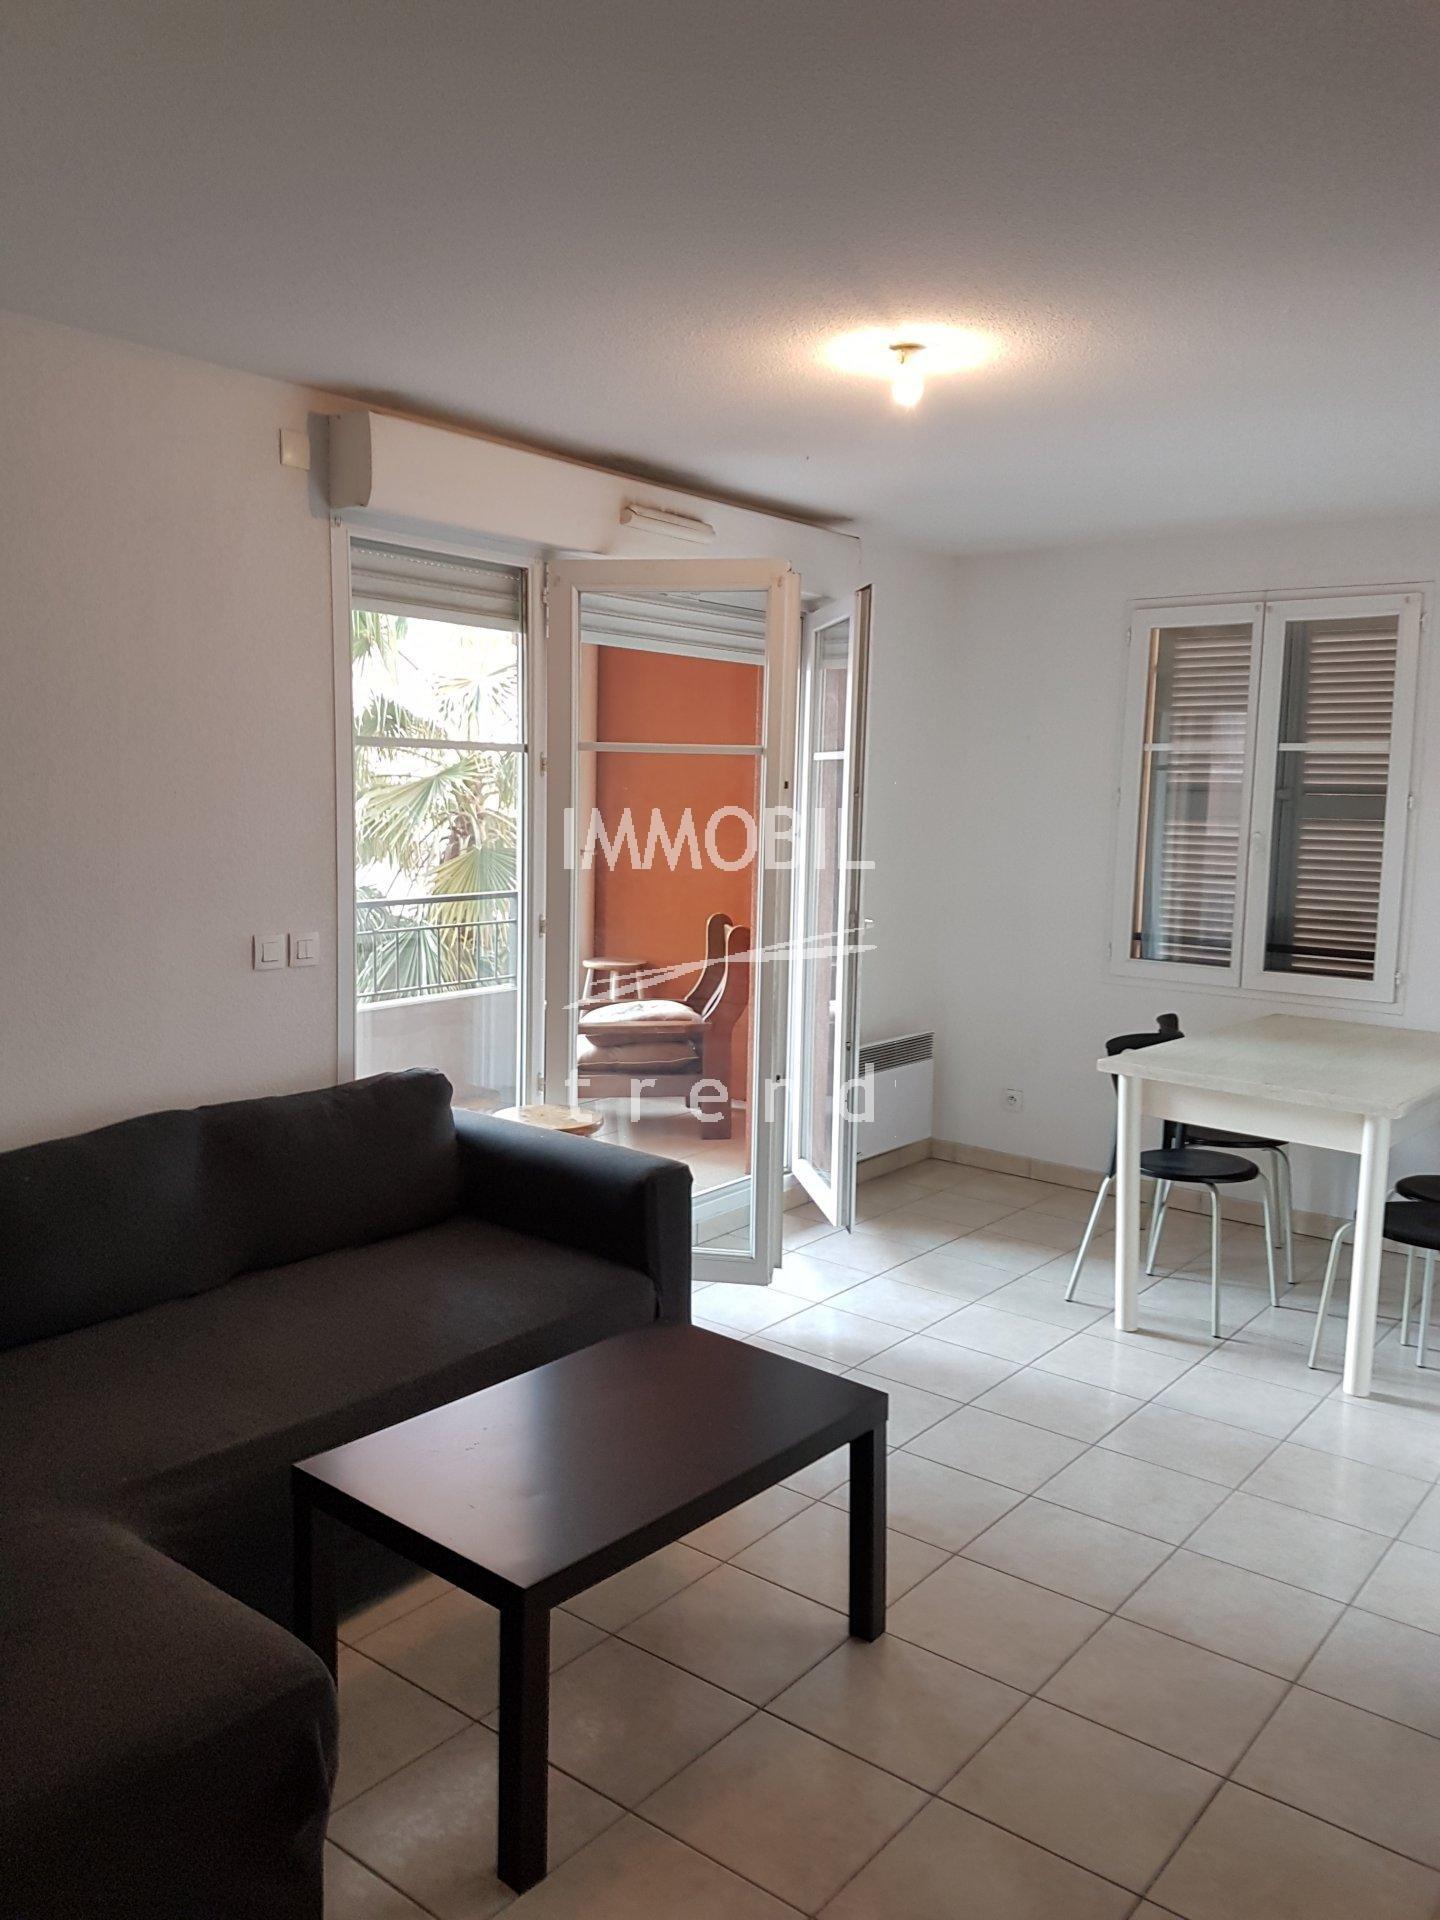 Affitto appartamento mentone menton 790 - Agenzie immobiliari mentone ...